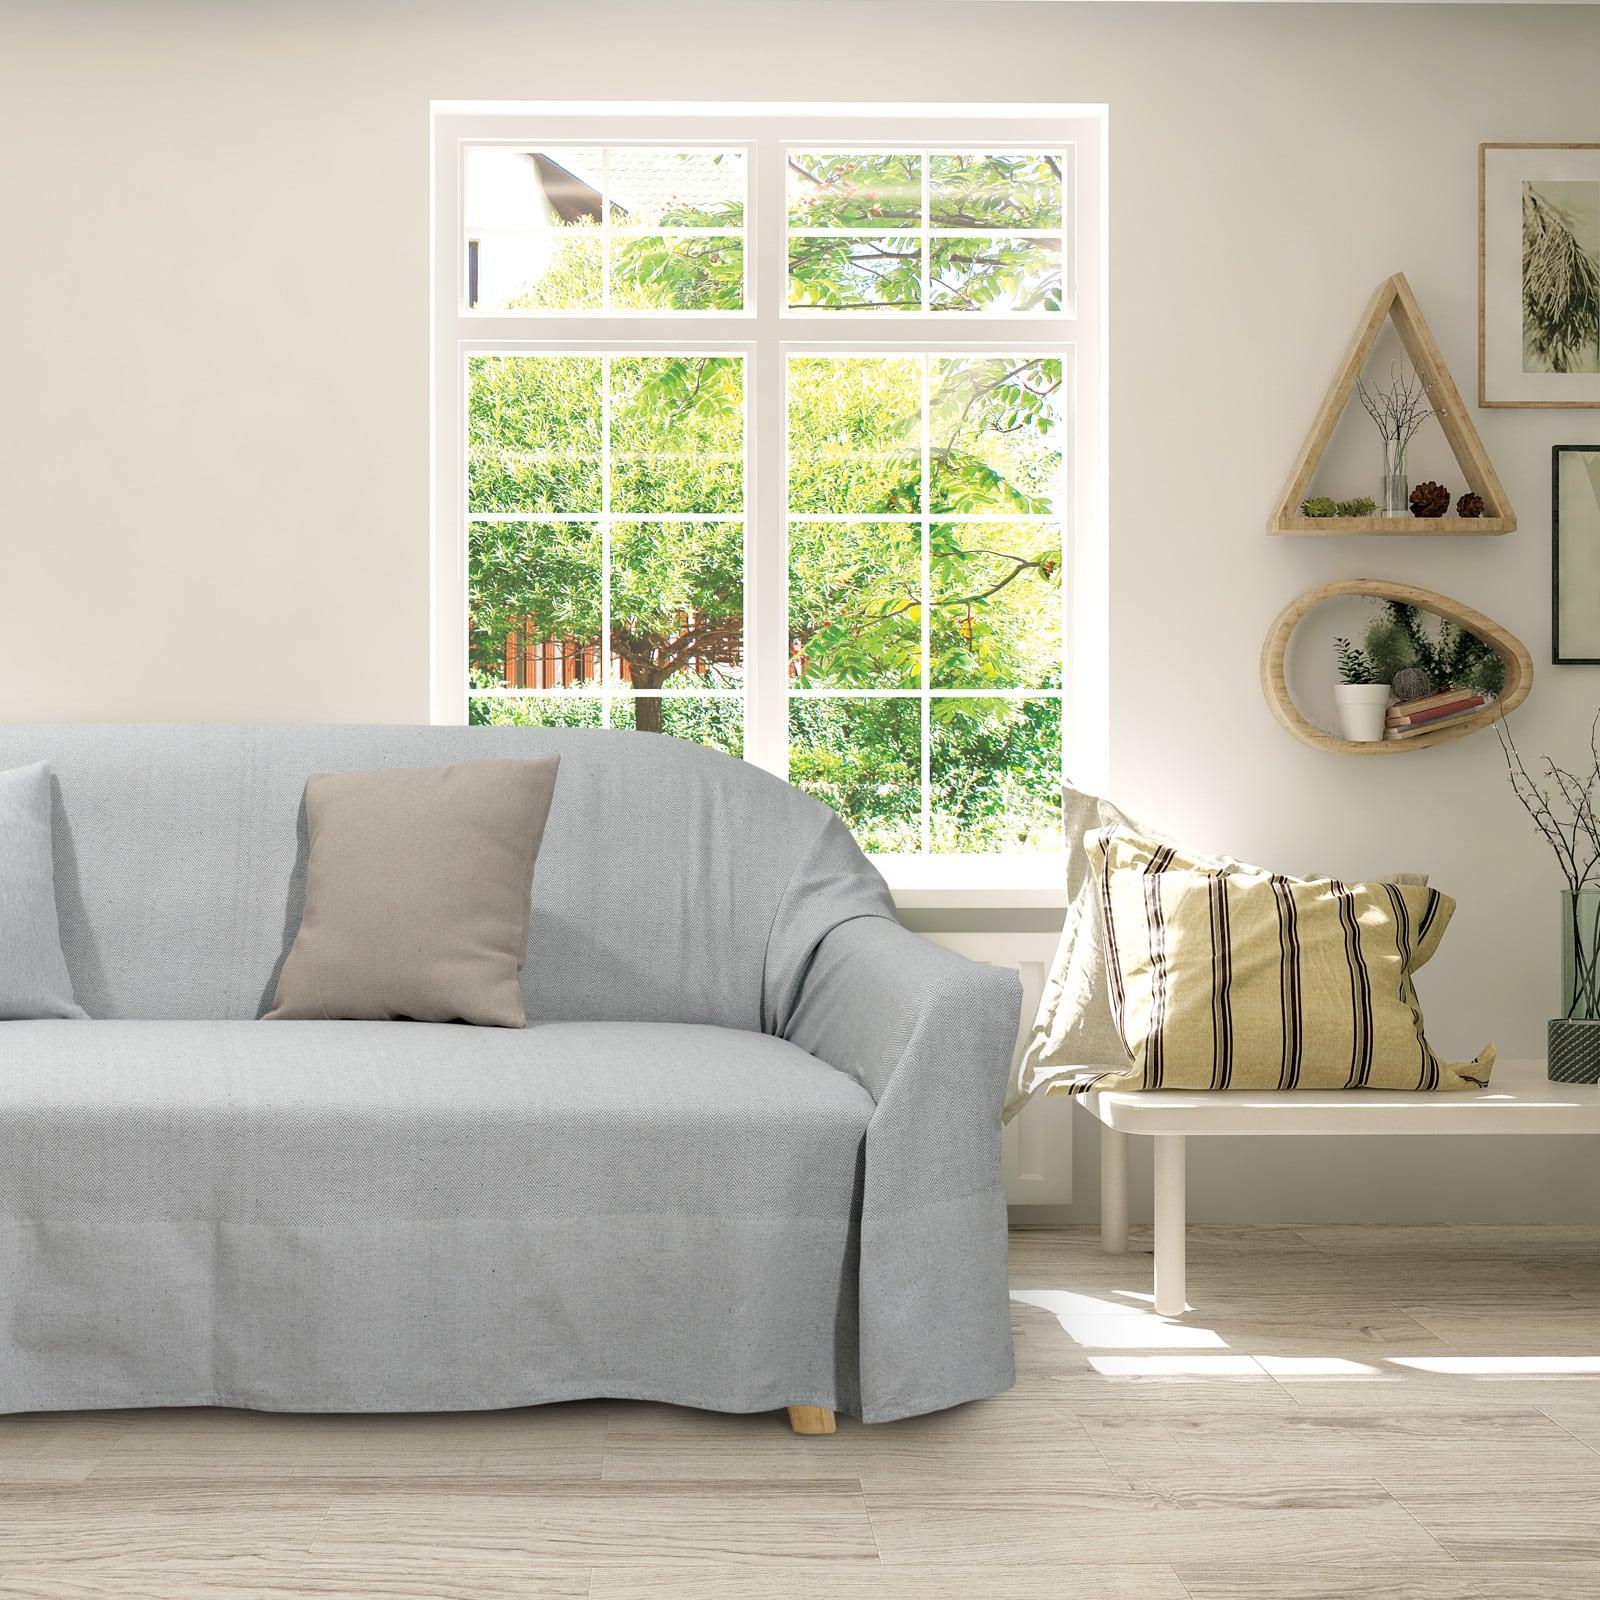 Ριχτάρι 0181 Grey Das Home Τριθέσιο 180x300cm